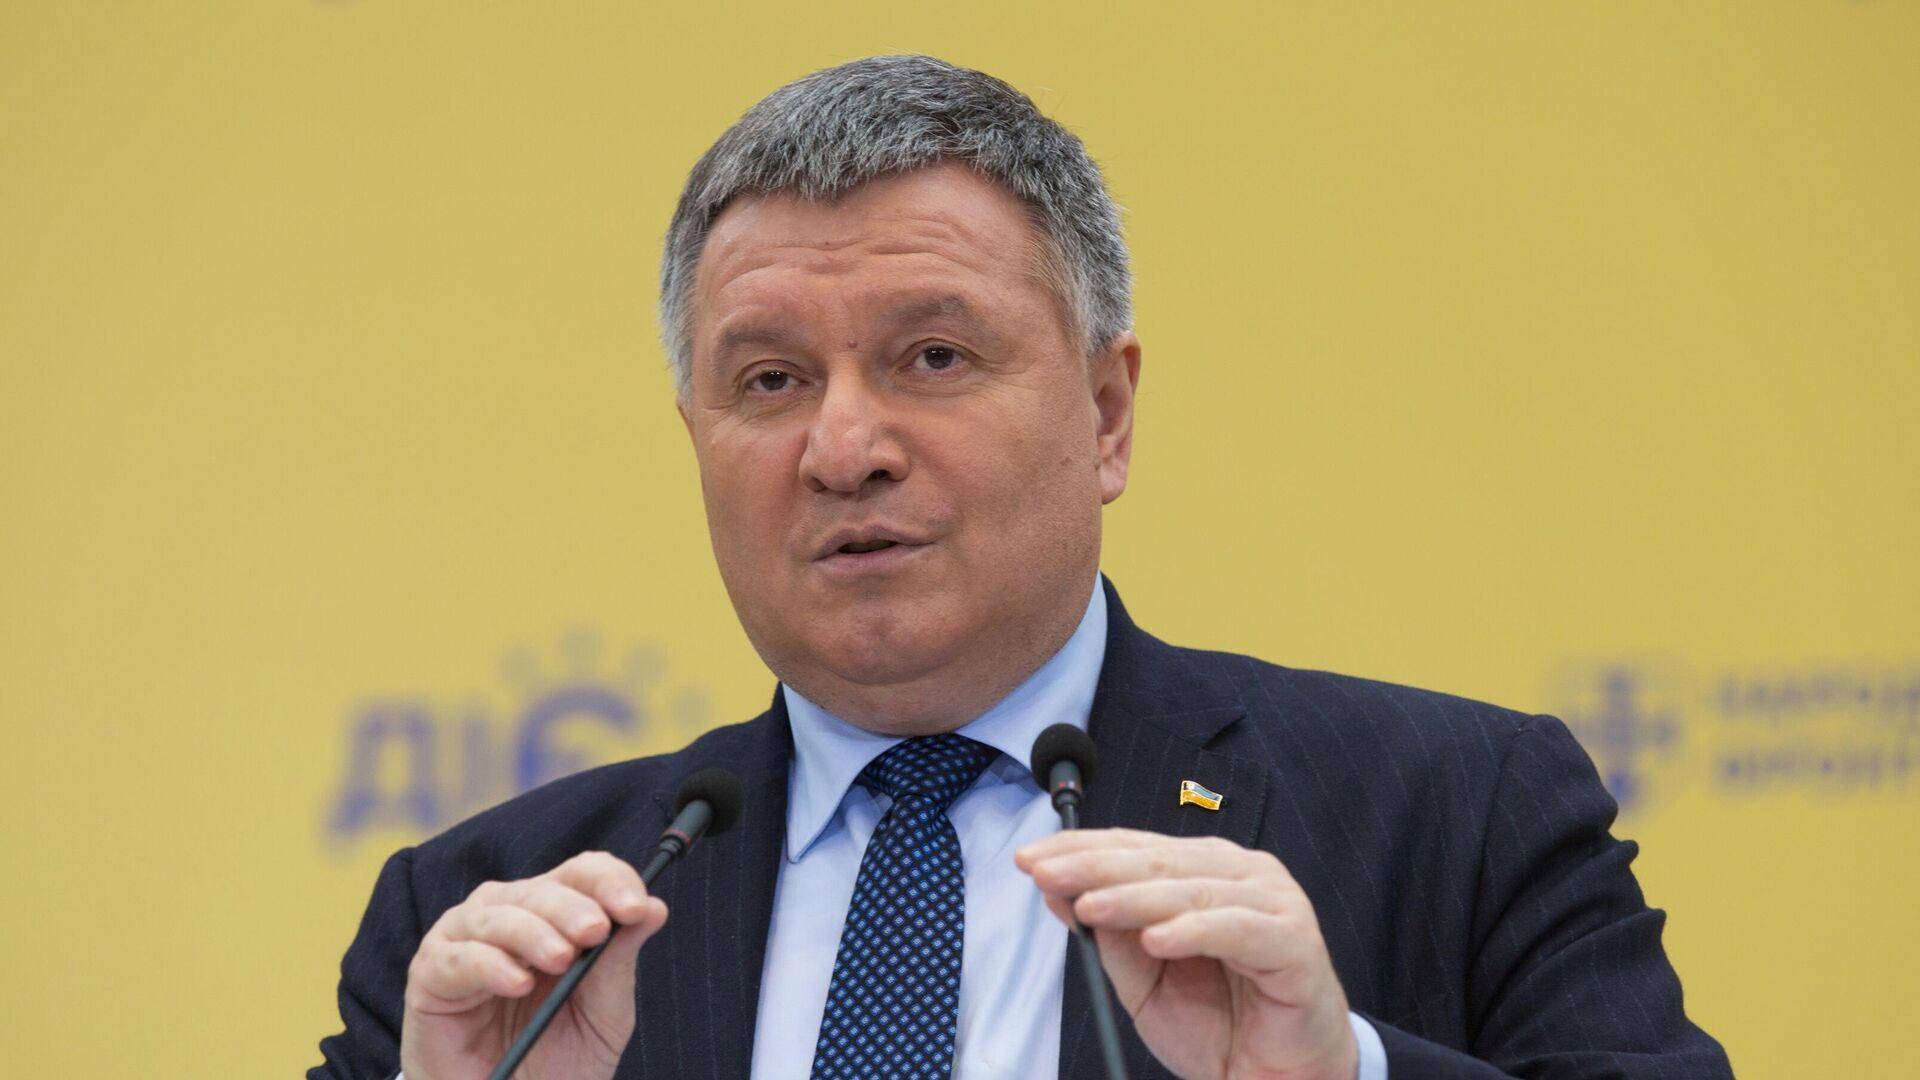 Министр внутренних дел Украины Арсен Аваков - РИА Новости, 1920, 06.01.2021